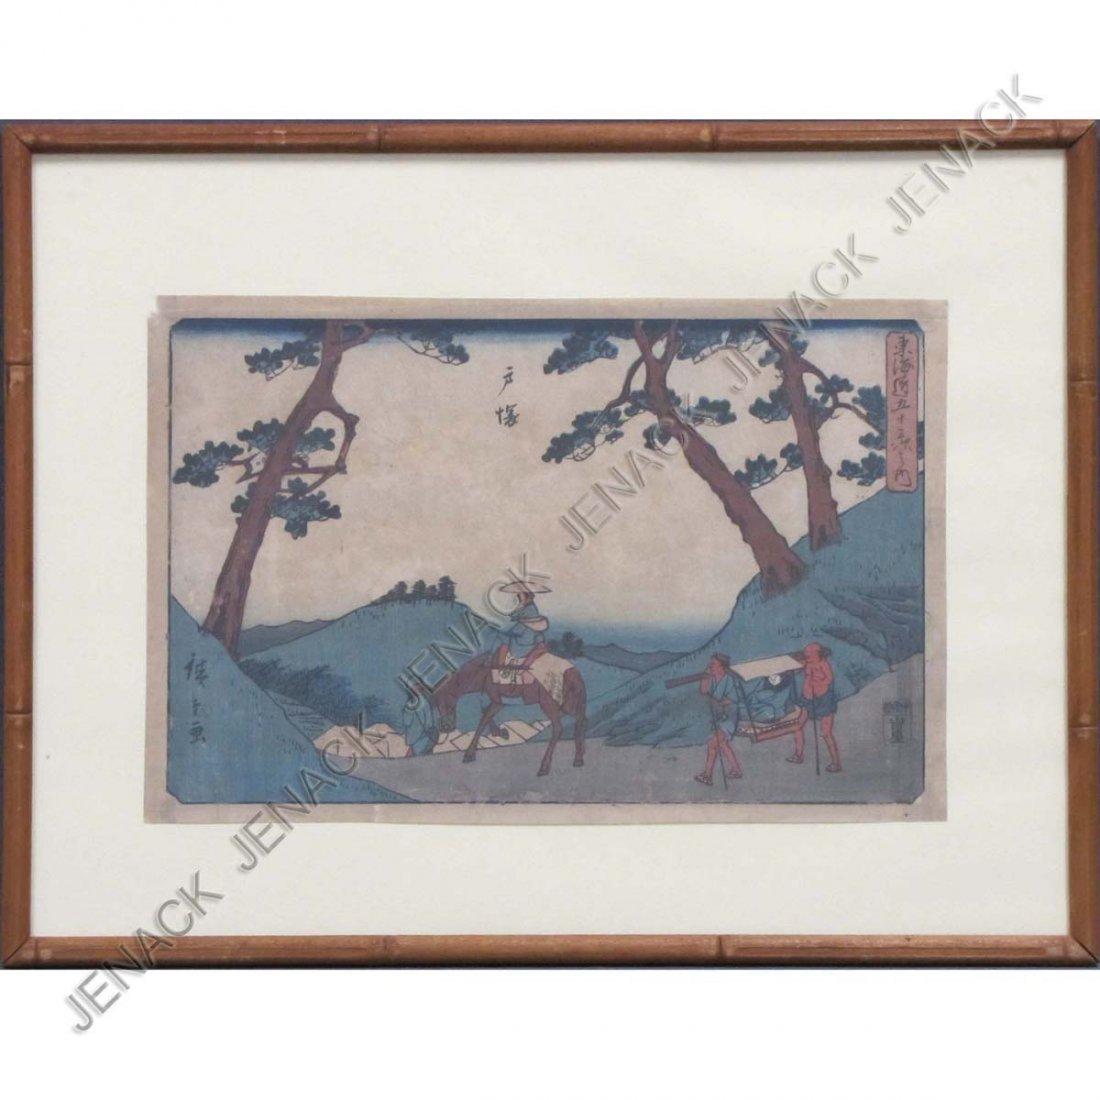 12: ANDO HIROSHIGE (JAPAN 1797-1858), WOODBLOCK PRINT